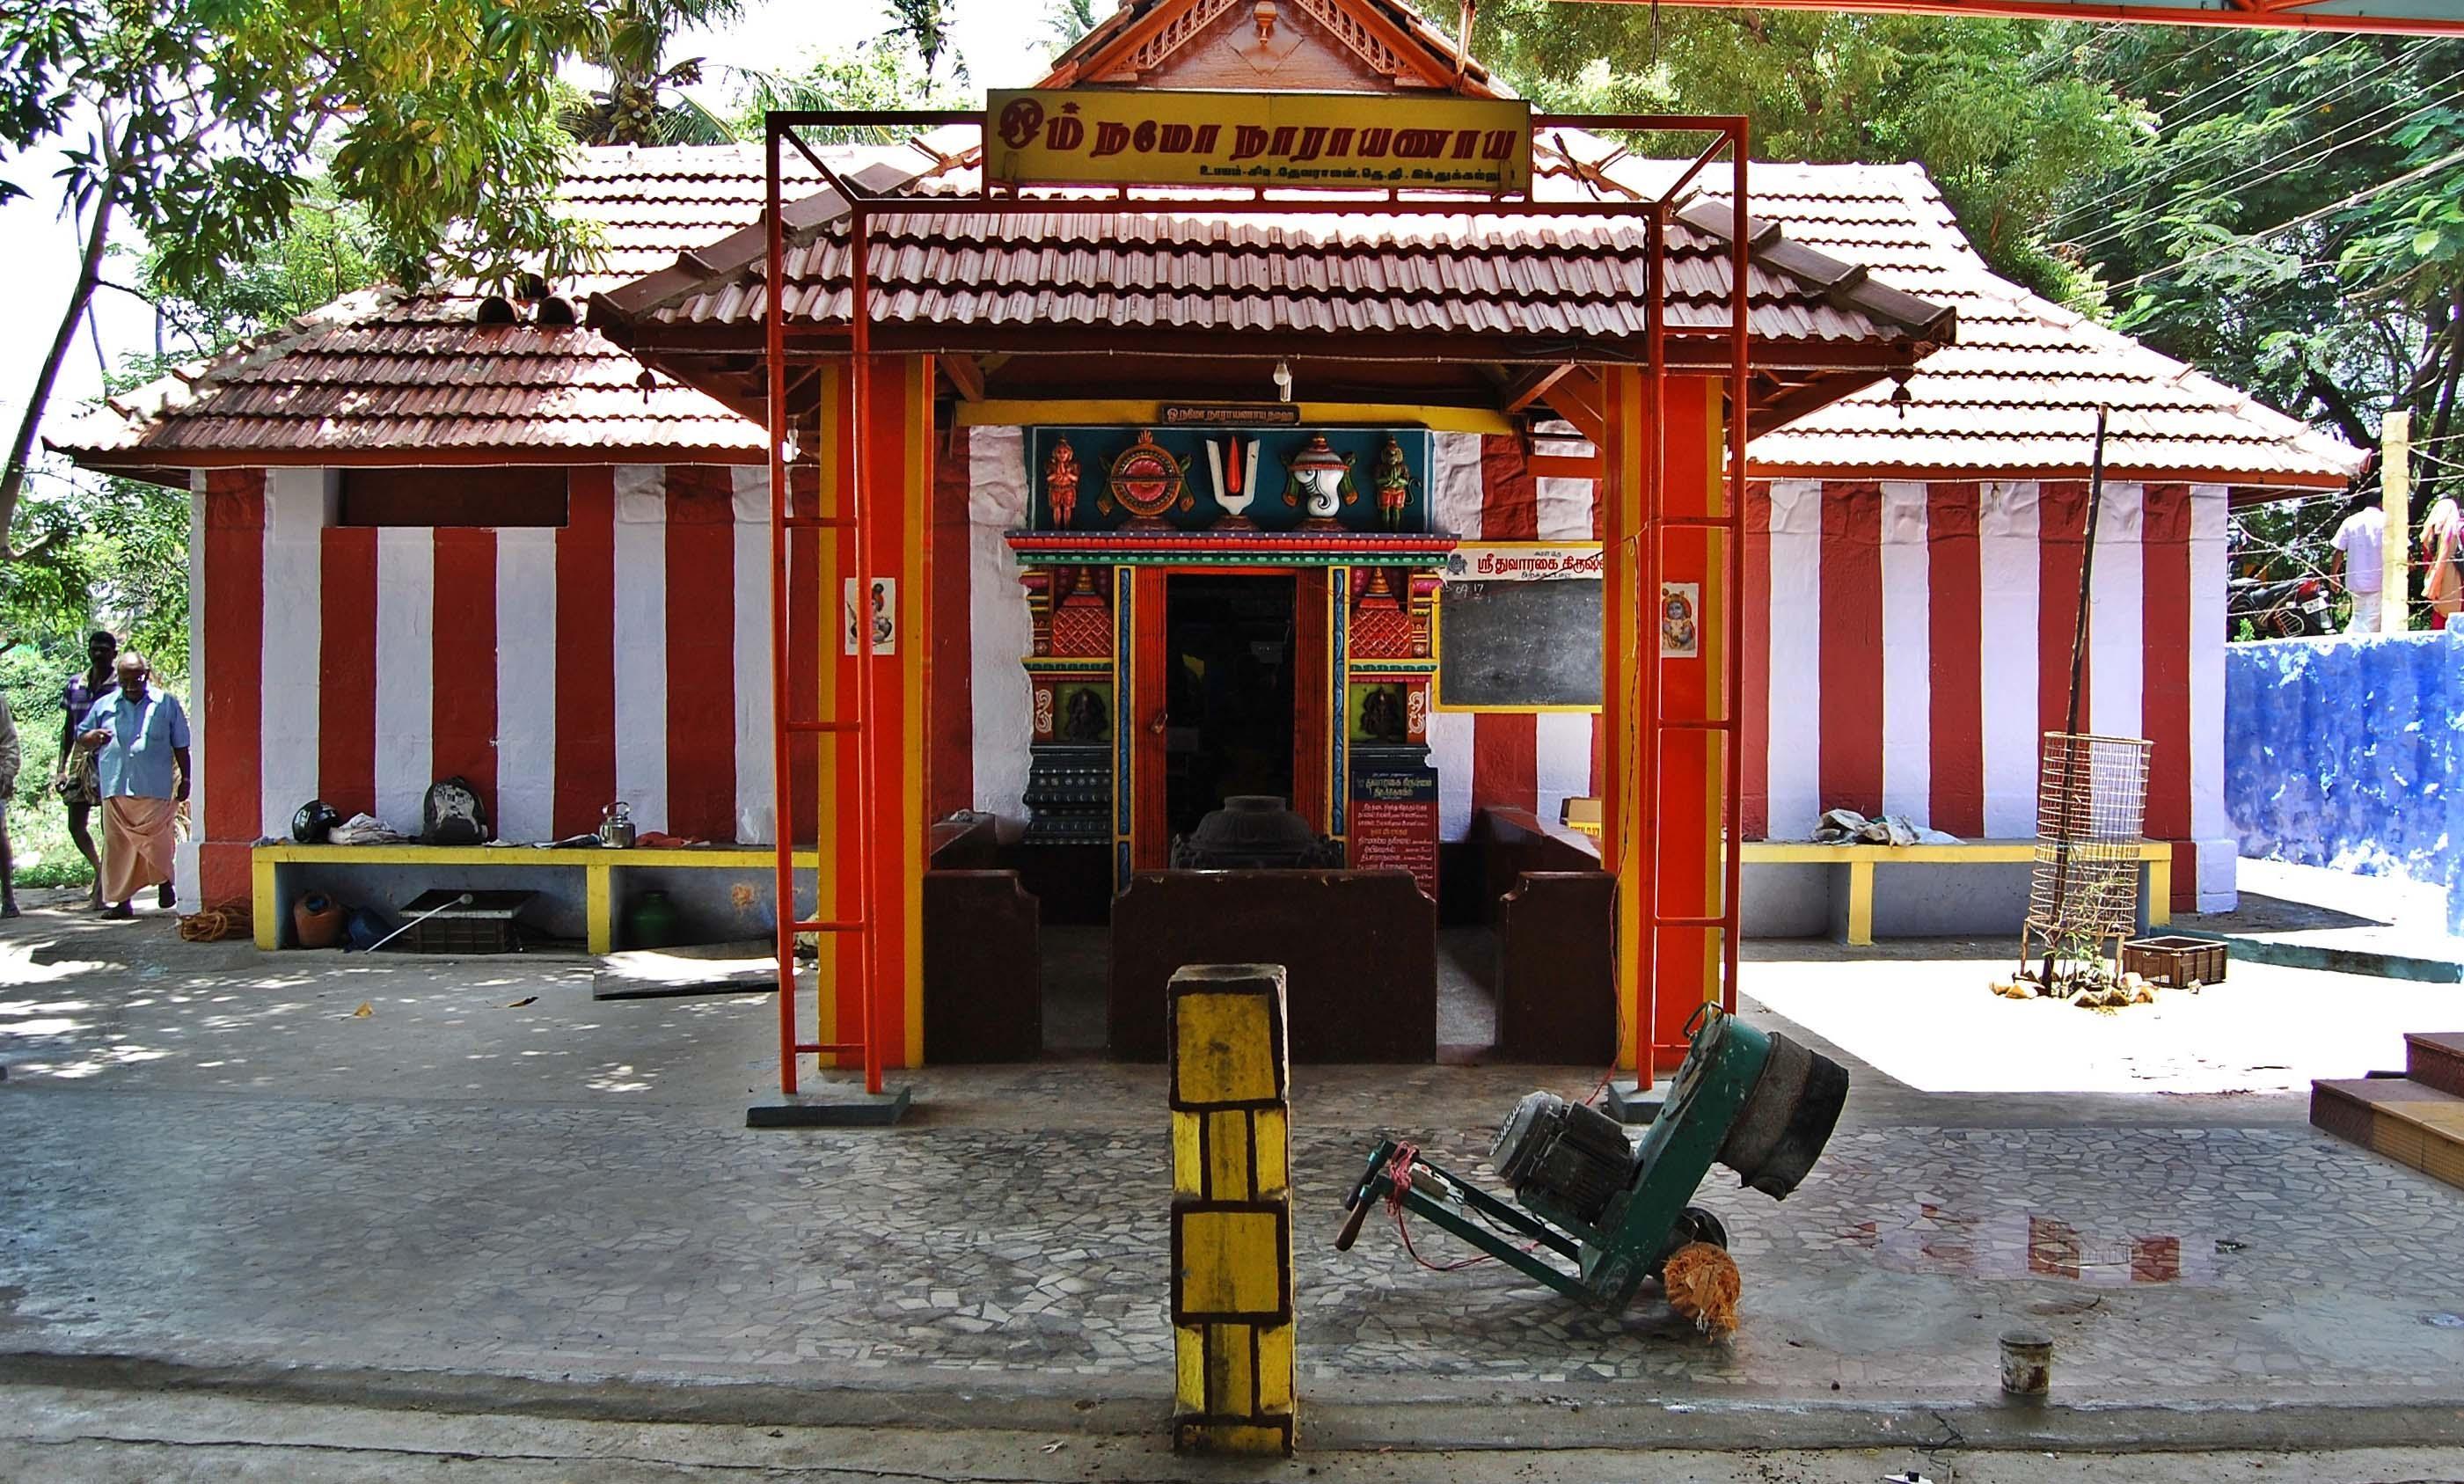 கன்னியாகுமரி துவாரகை கிருஷ்ணர் கோயில் முகப்பு